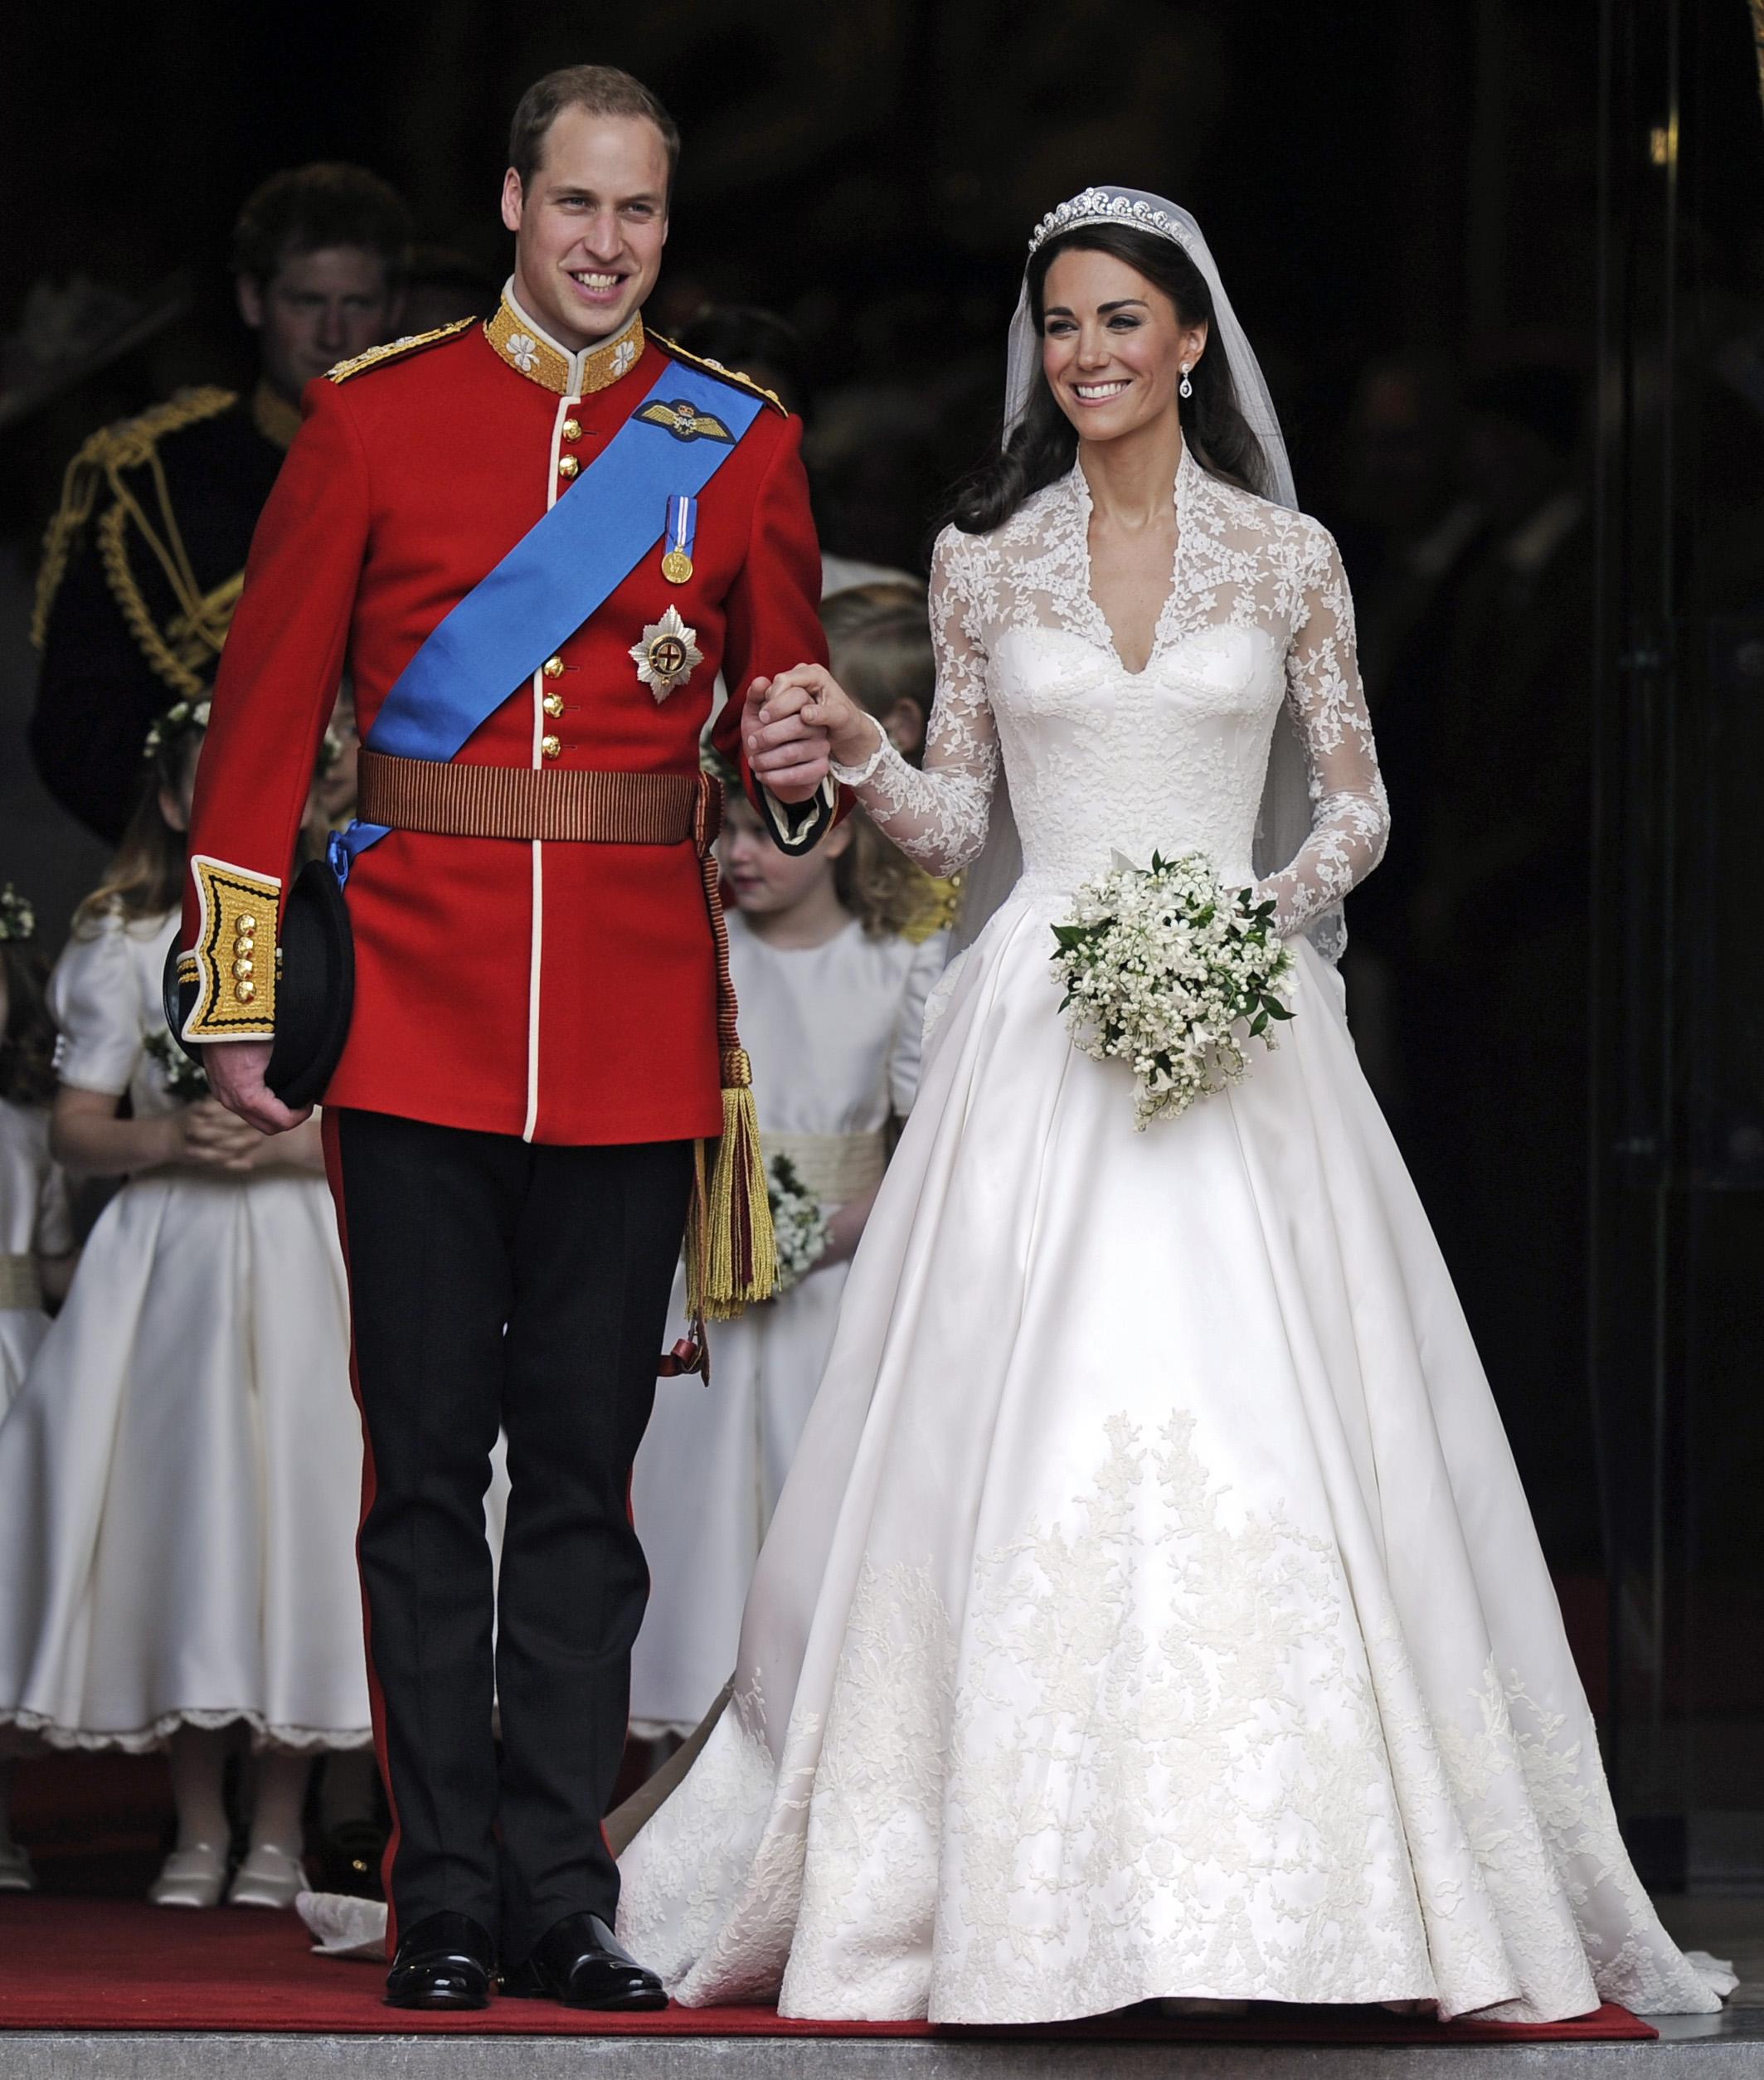 Suknia Kate Middleton 1 - Najdroższe suknie ślubne świata